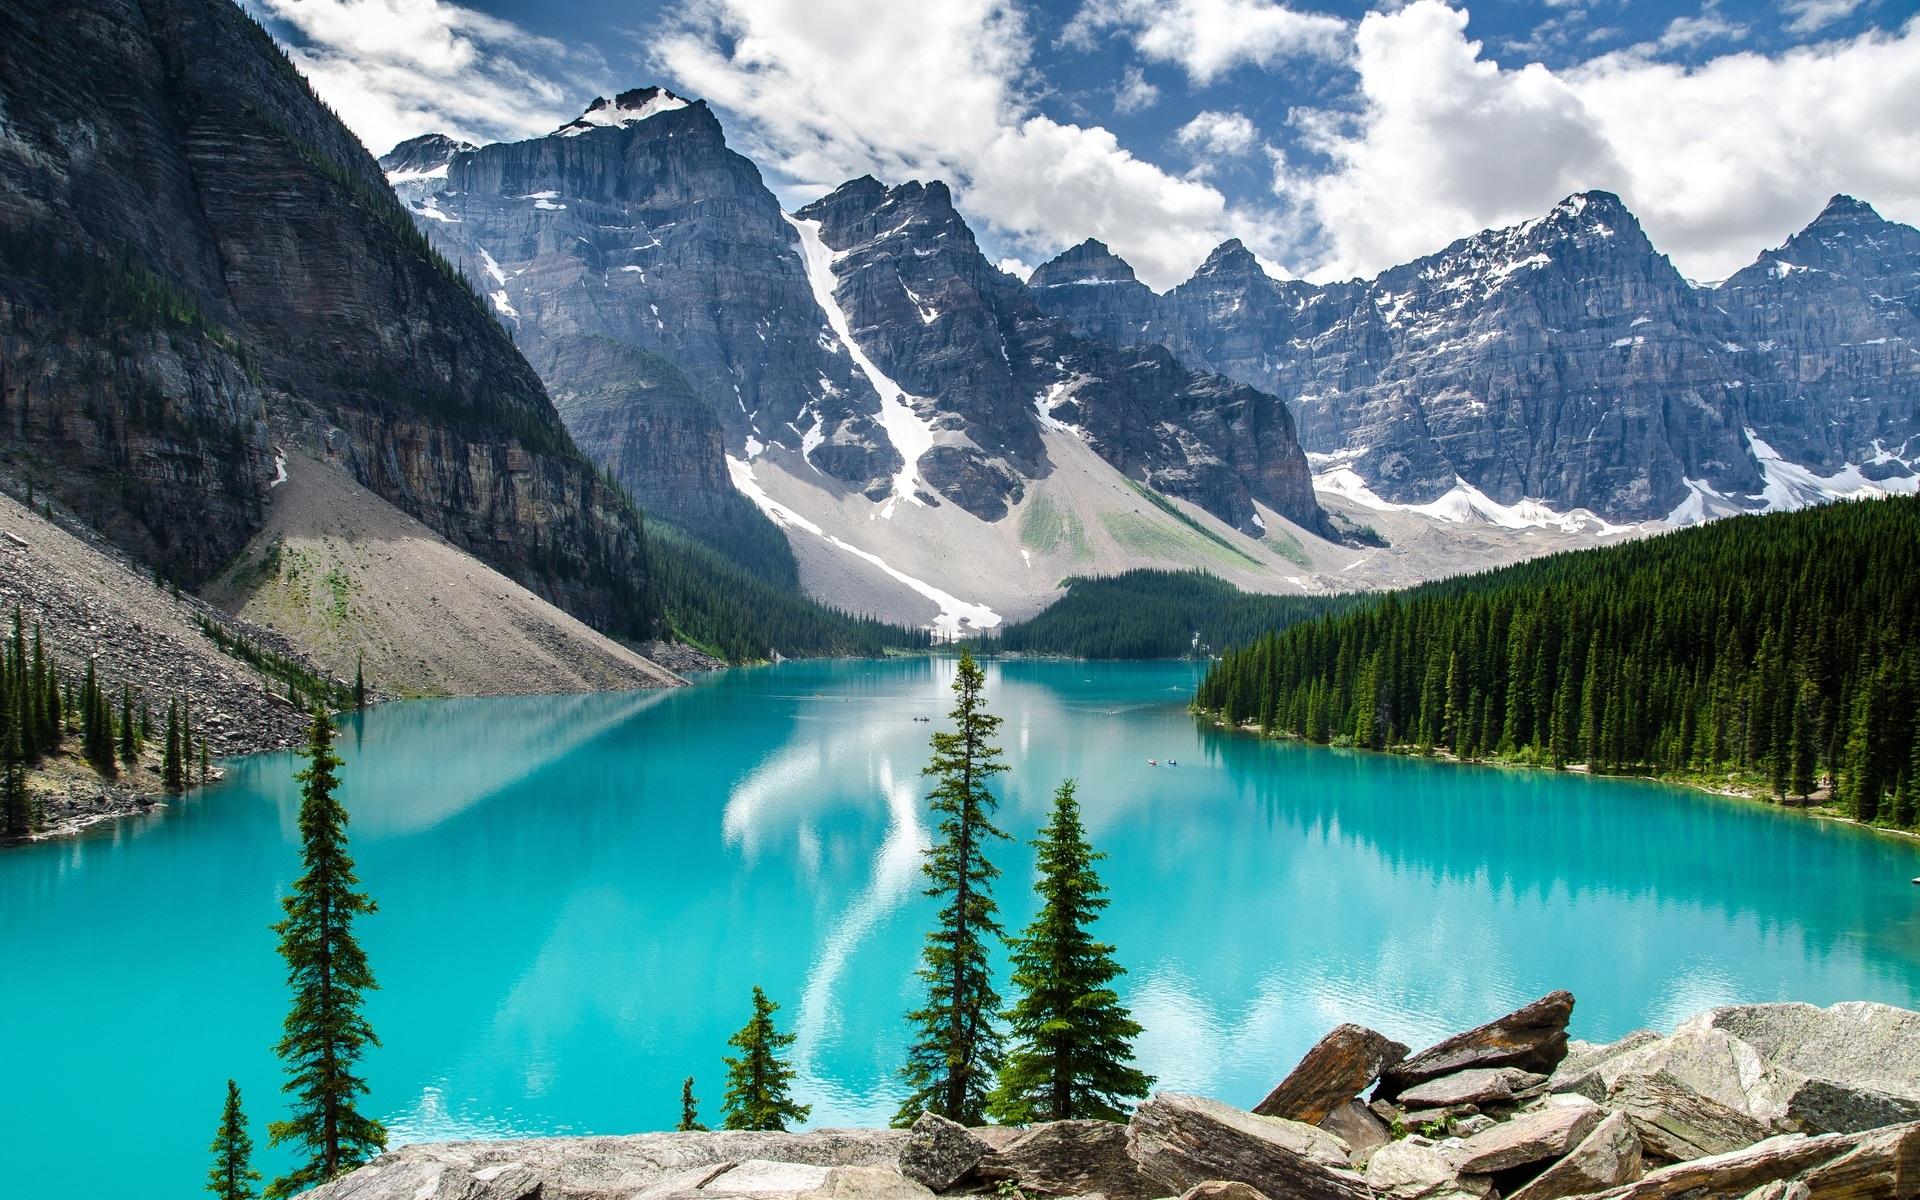 los-10-mejores-paisajes-del-mundo-parque-nacional-banff